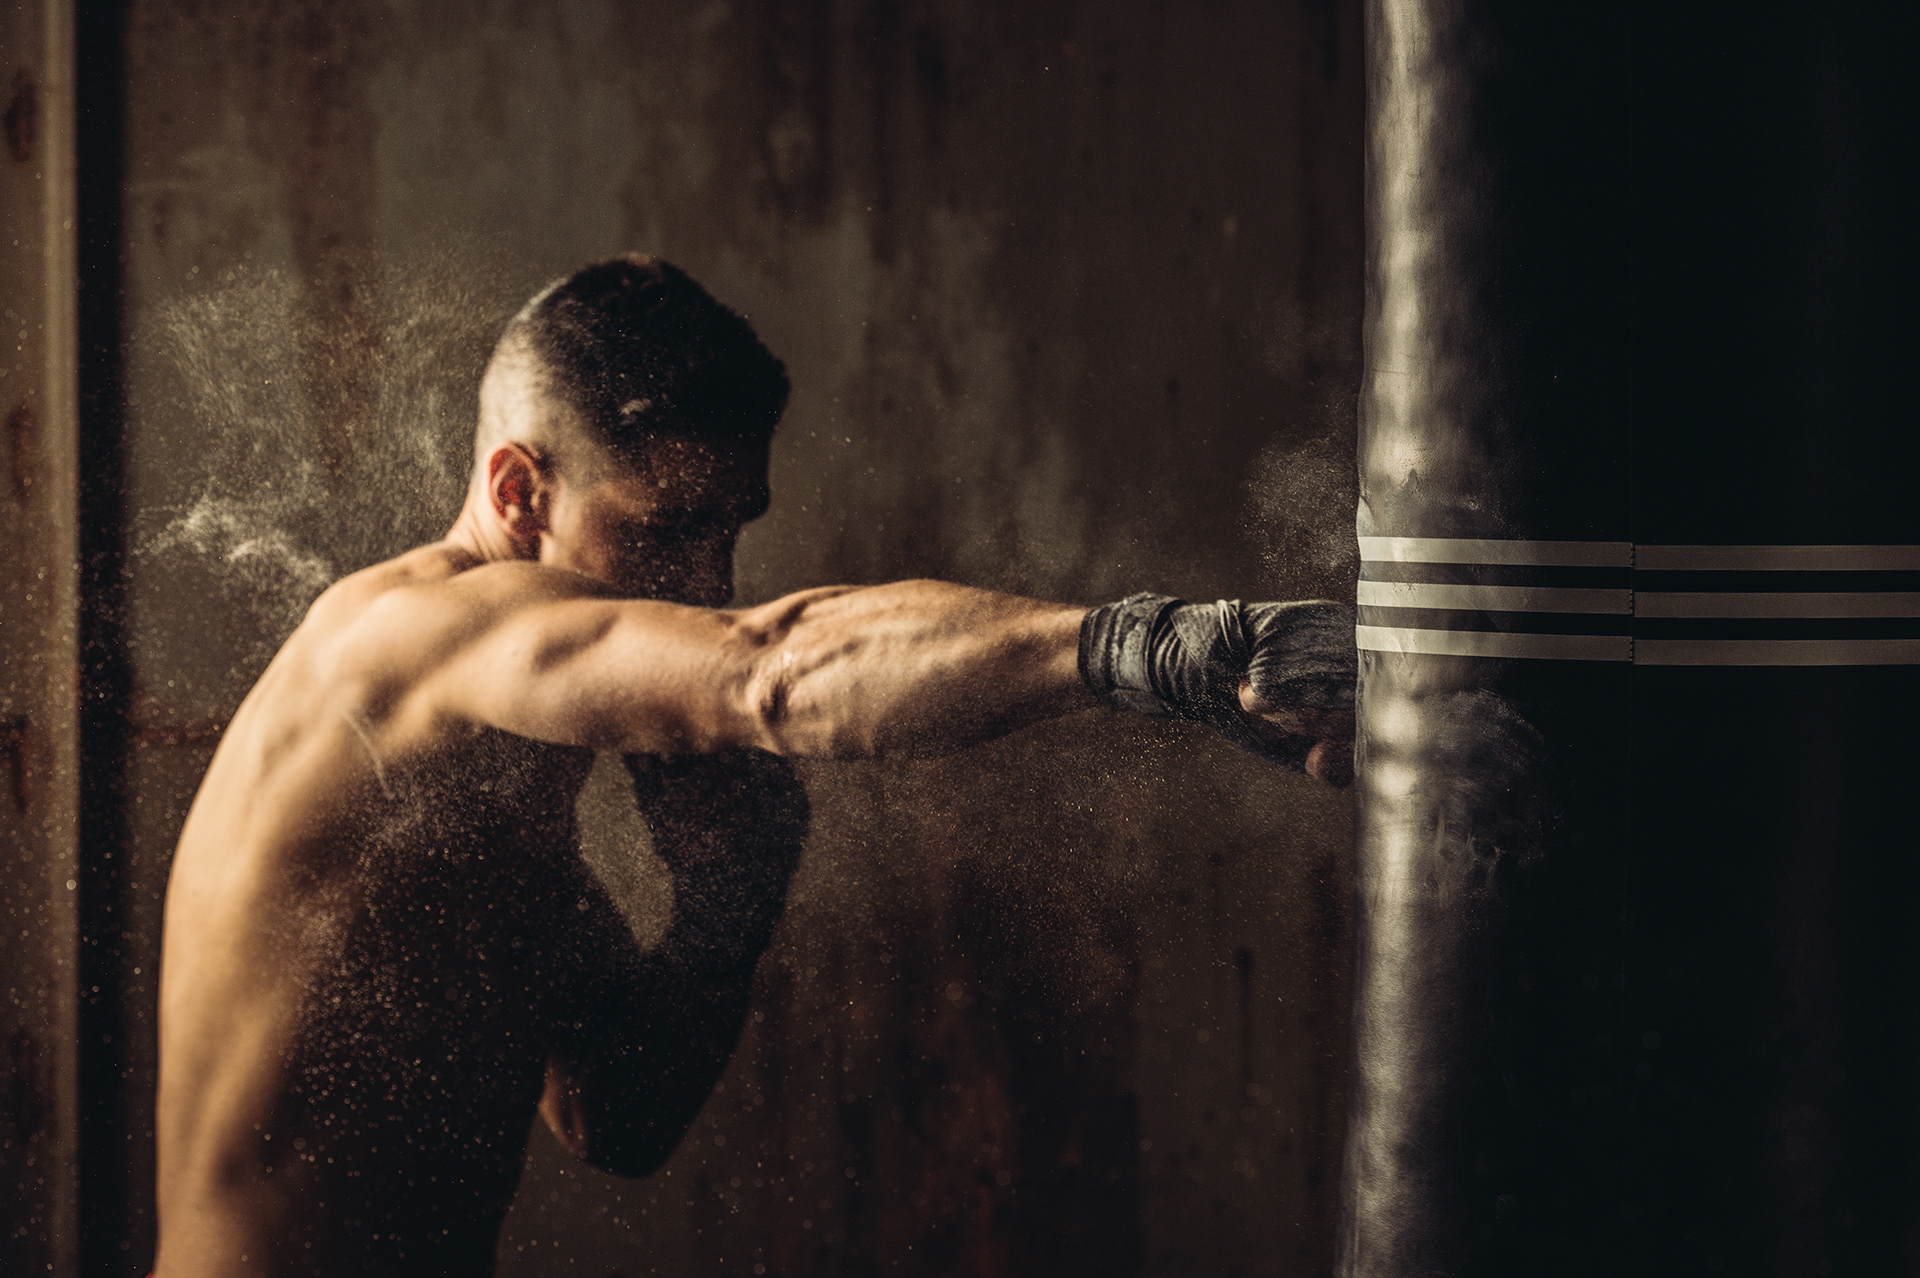 галина художественная картинка бокс нужно взбить очень